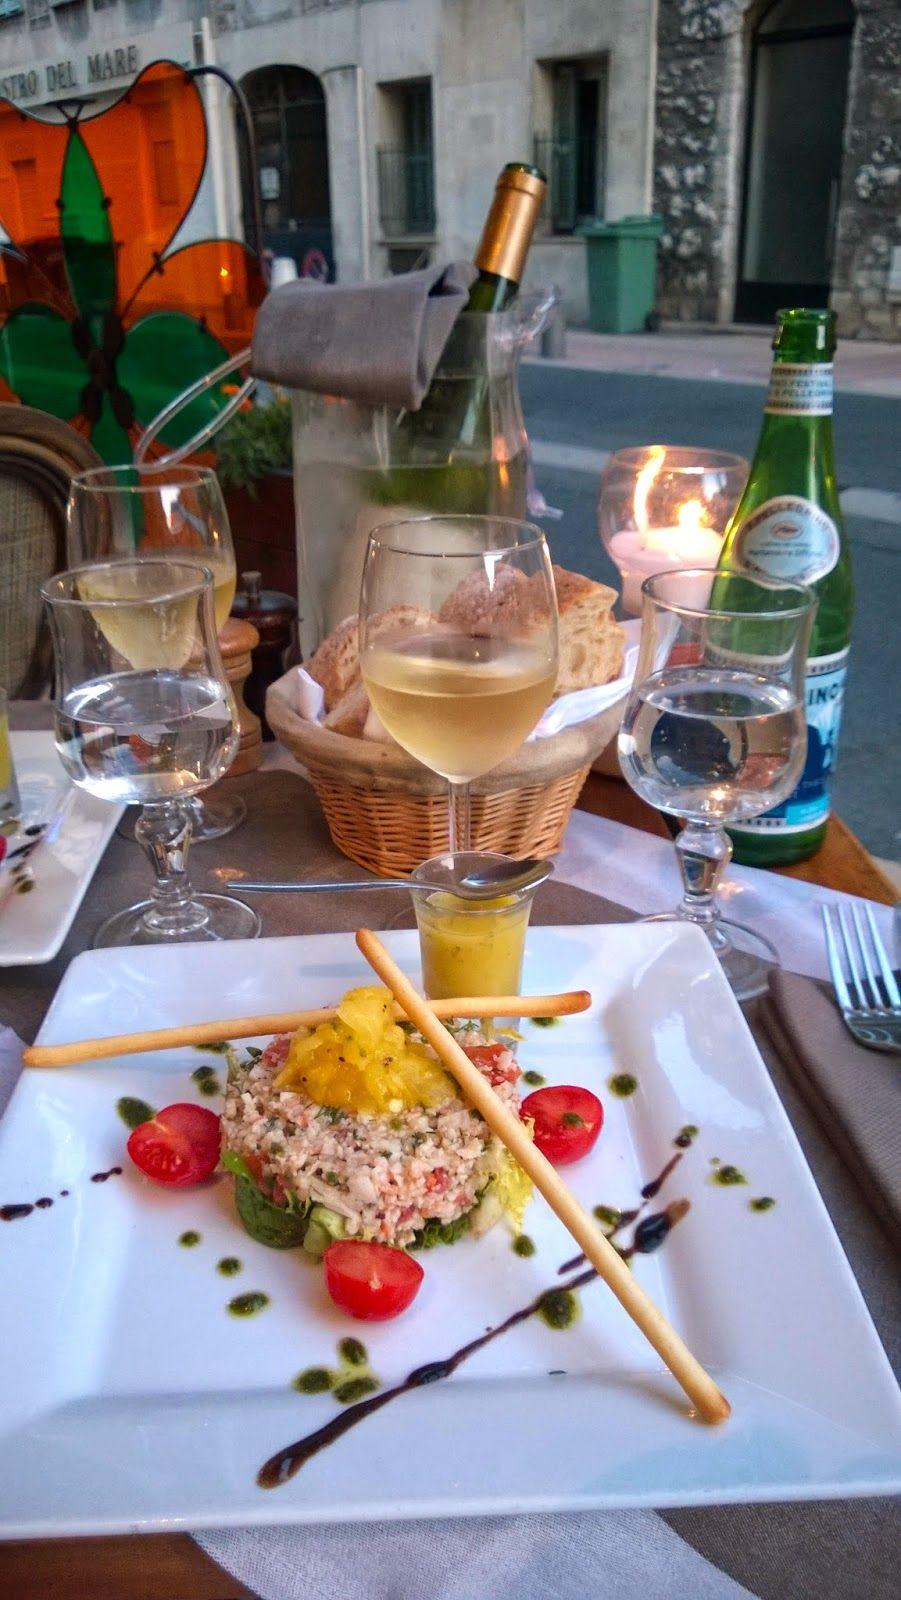 Apen matkat: Ravintola Au Moulin Enchanté, Nizza. http://apenmatkat.blogspot.fi/2014/08/ravintola-au-moulin-enchante-nizza.html